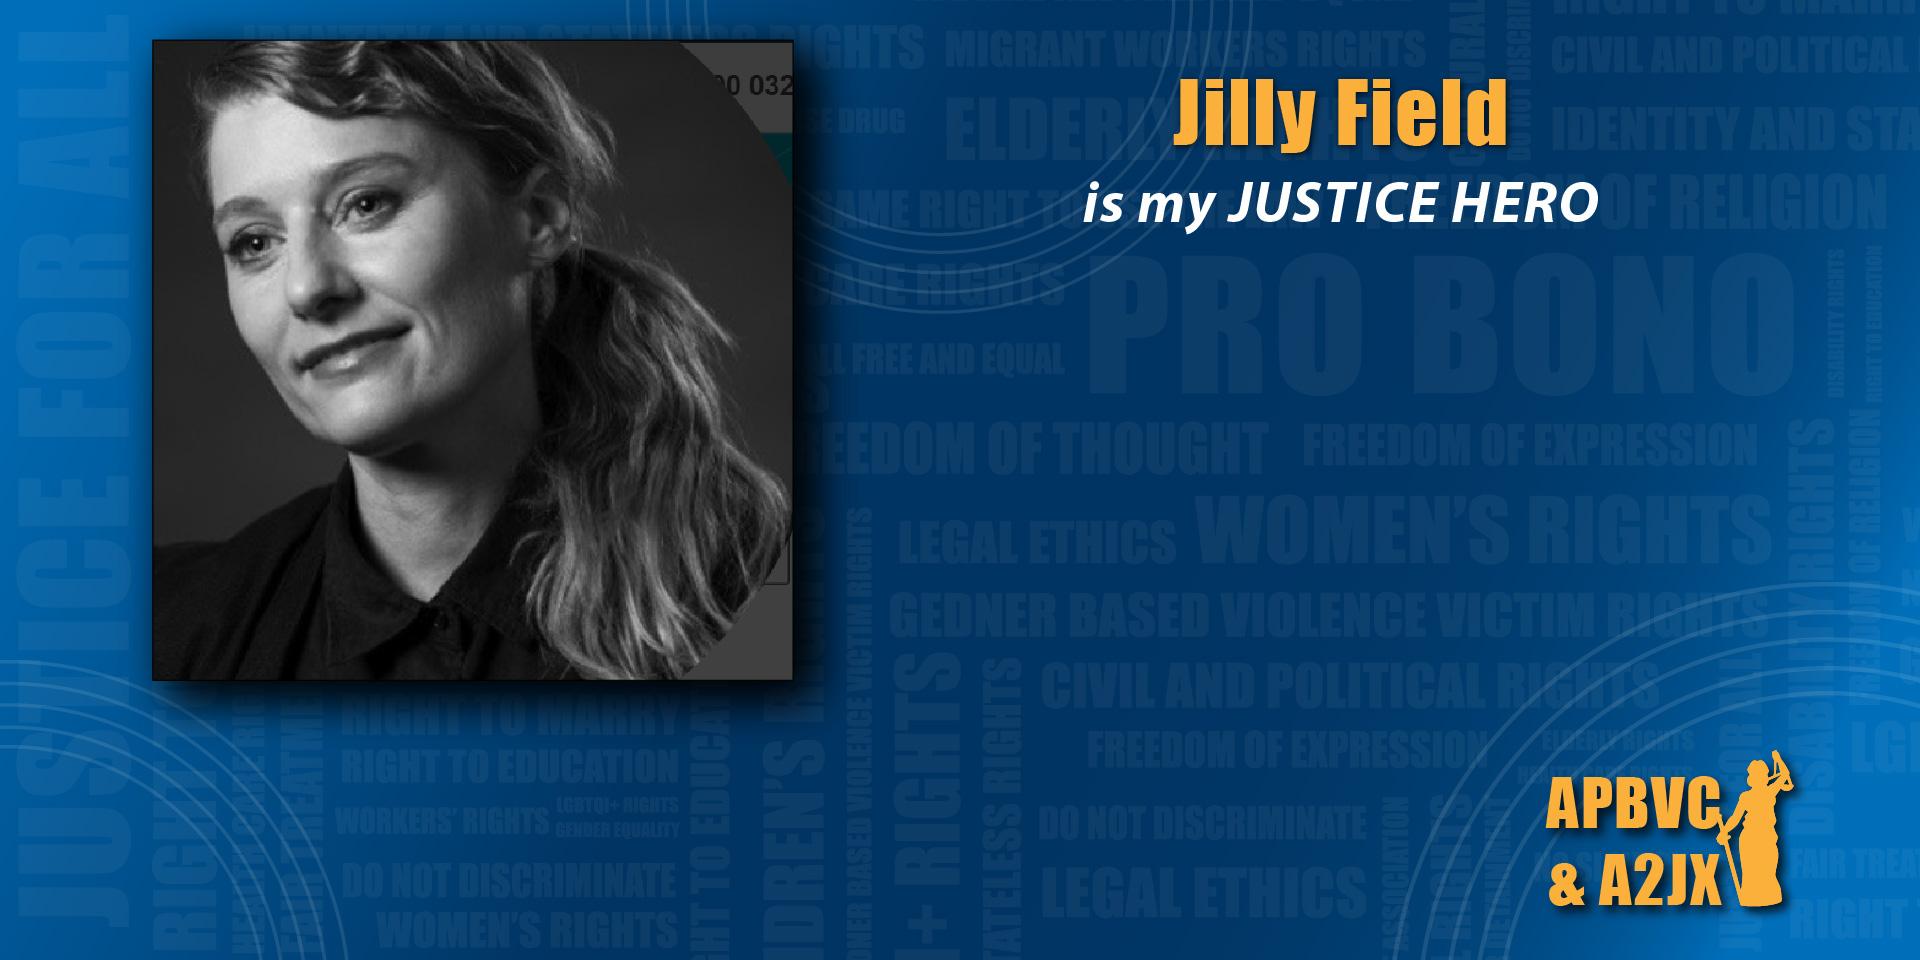 Jilly Field